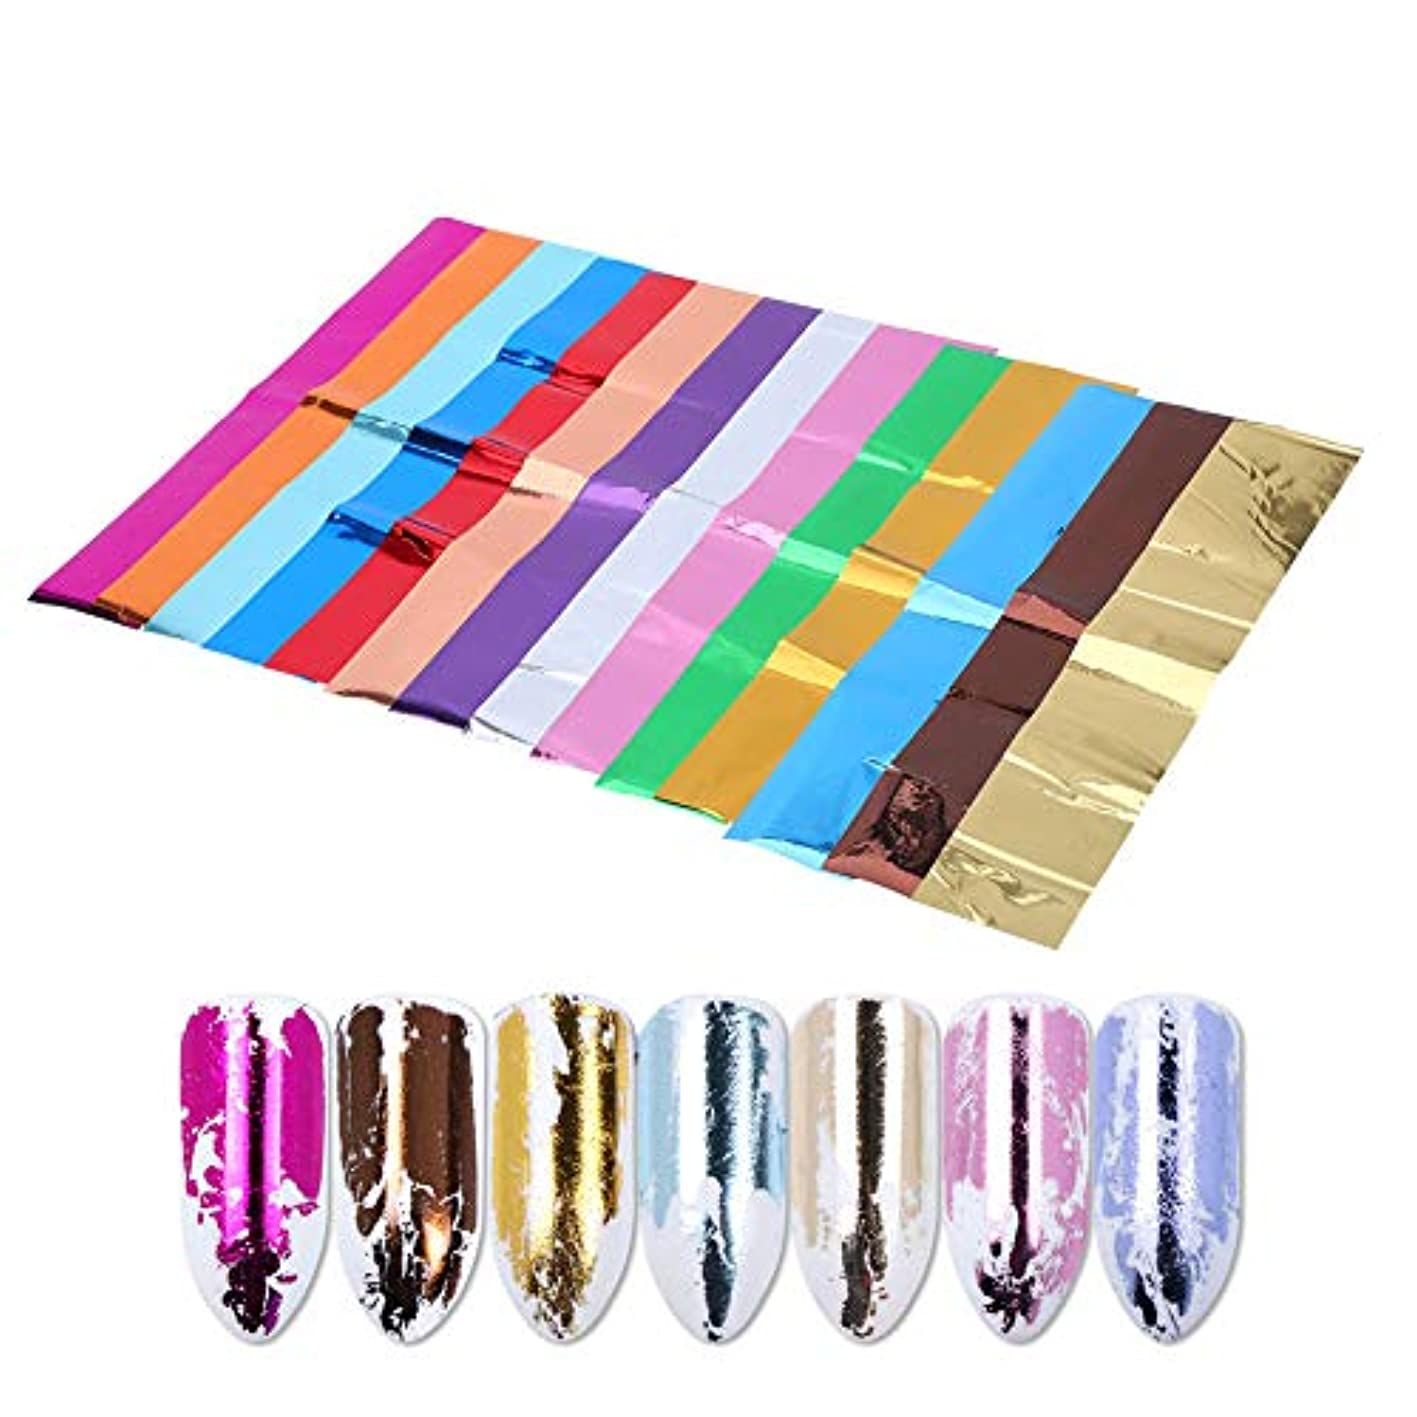 言及する天使前投薬ソリッドカラーのネイルアップリケ、偽ネイル用の光沢のある装飾的なステッカーの14個/セット